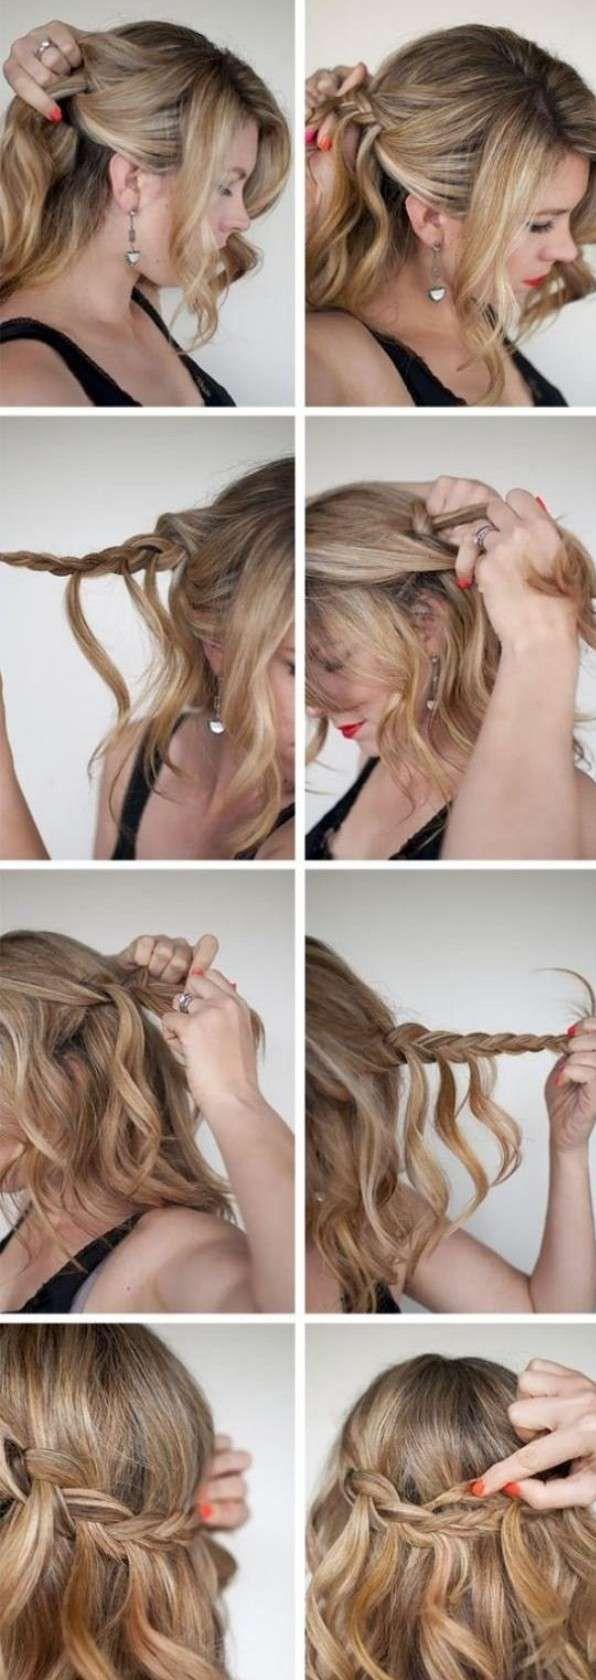 Wunderschone Flechtfrisuren In 10 Minuten 26 Diy Ideen Frisuren Haarlange Geflochtene Frisuren